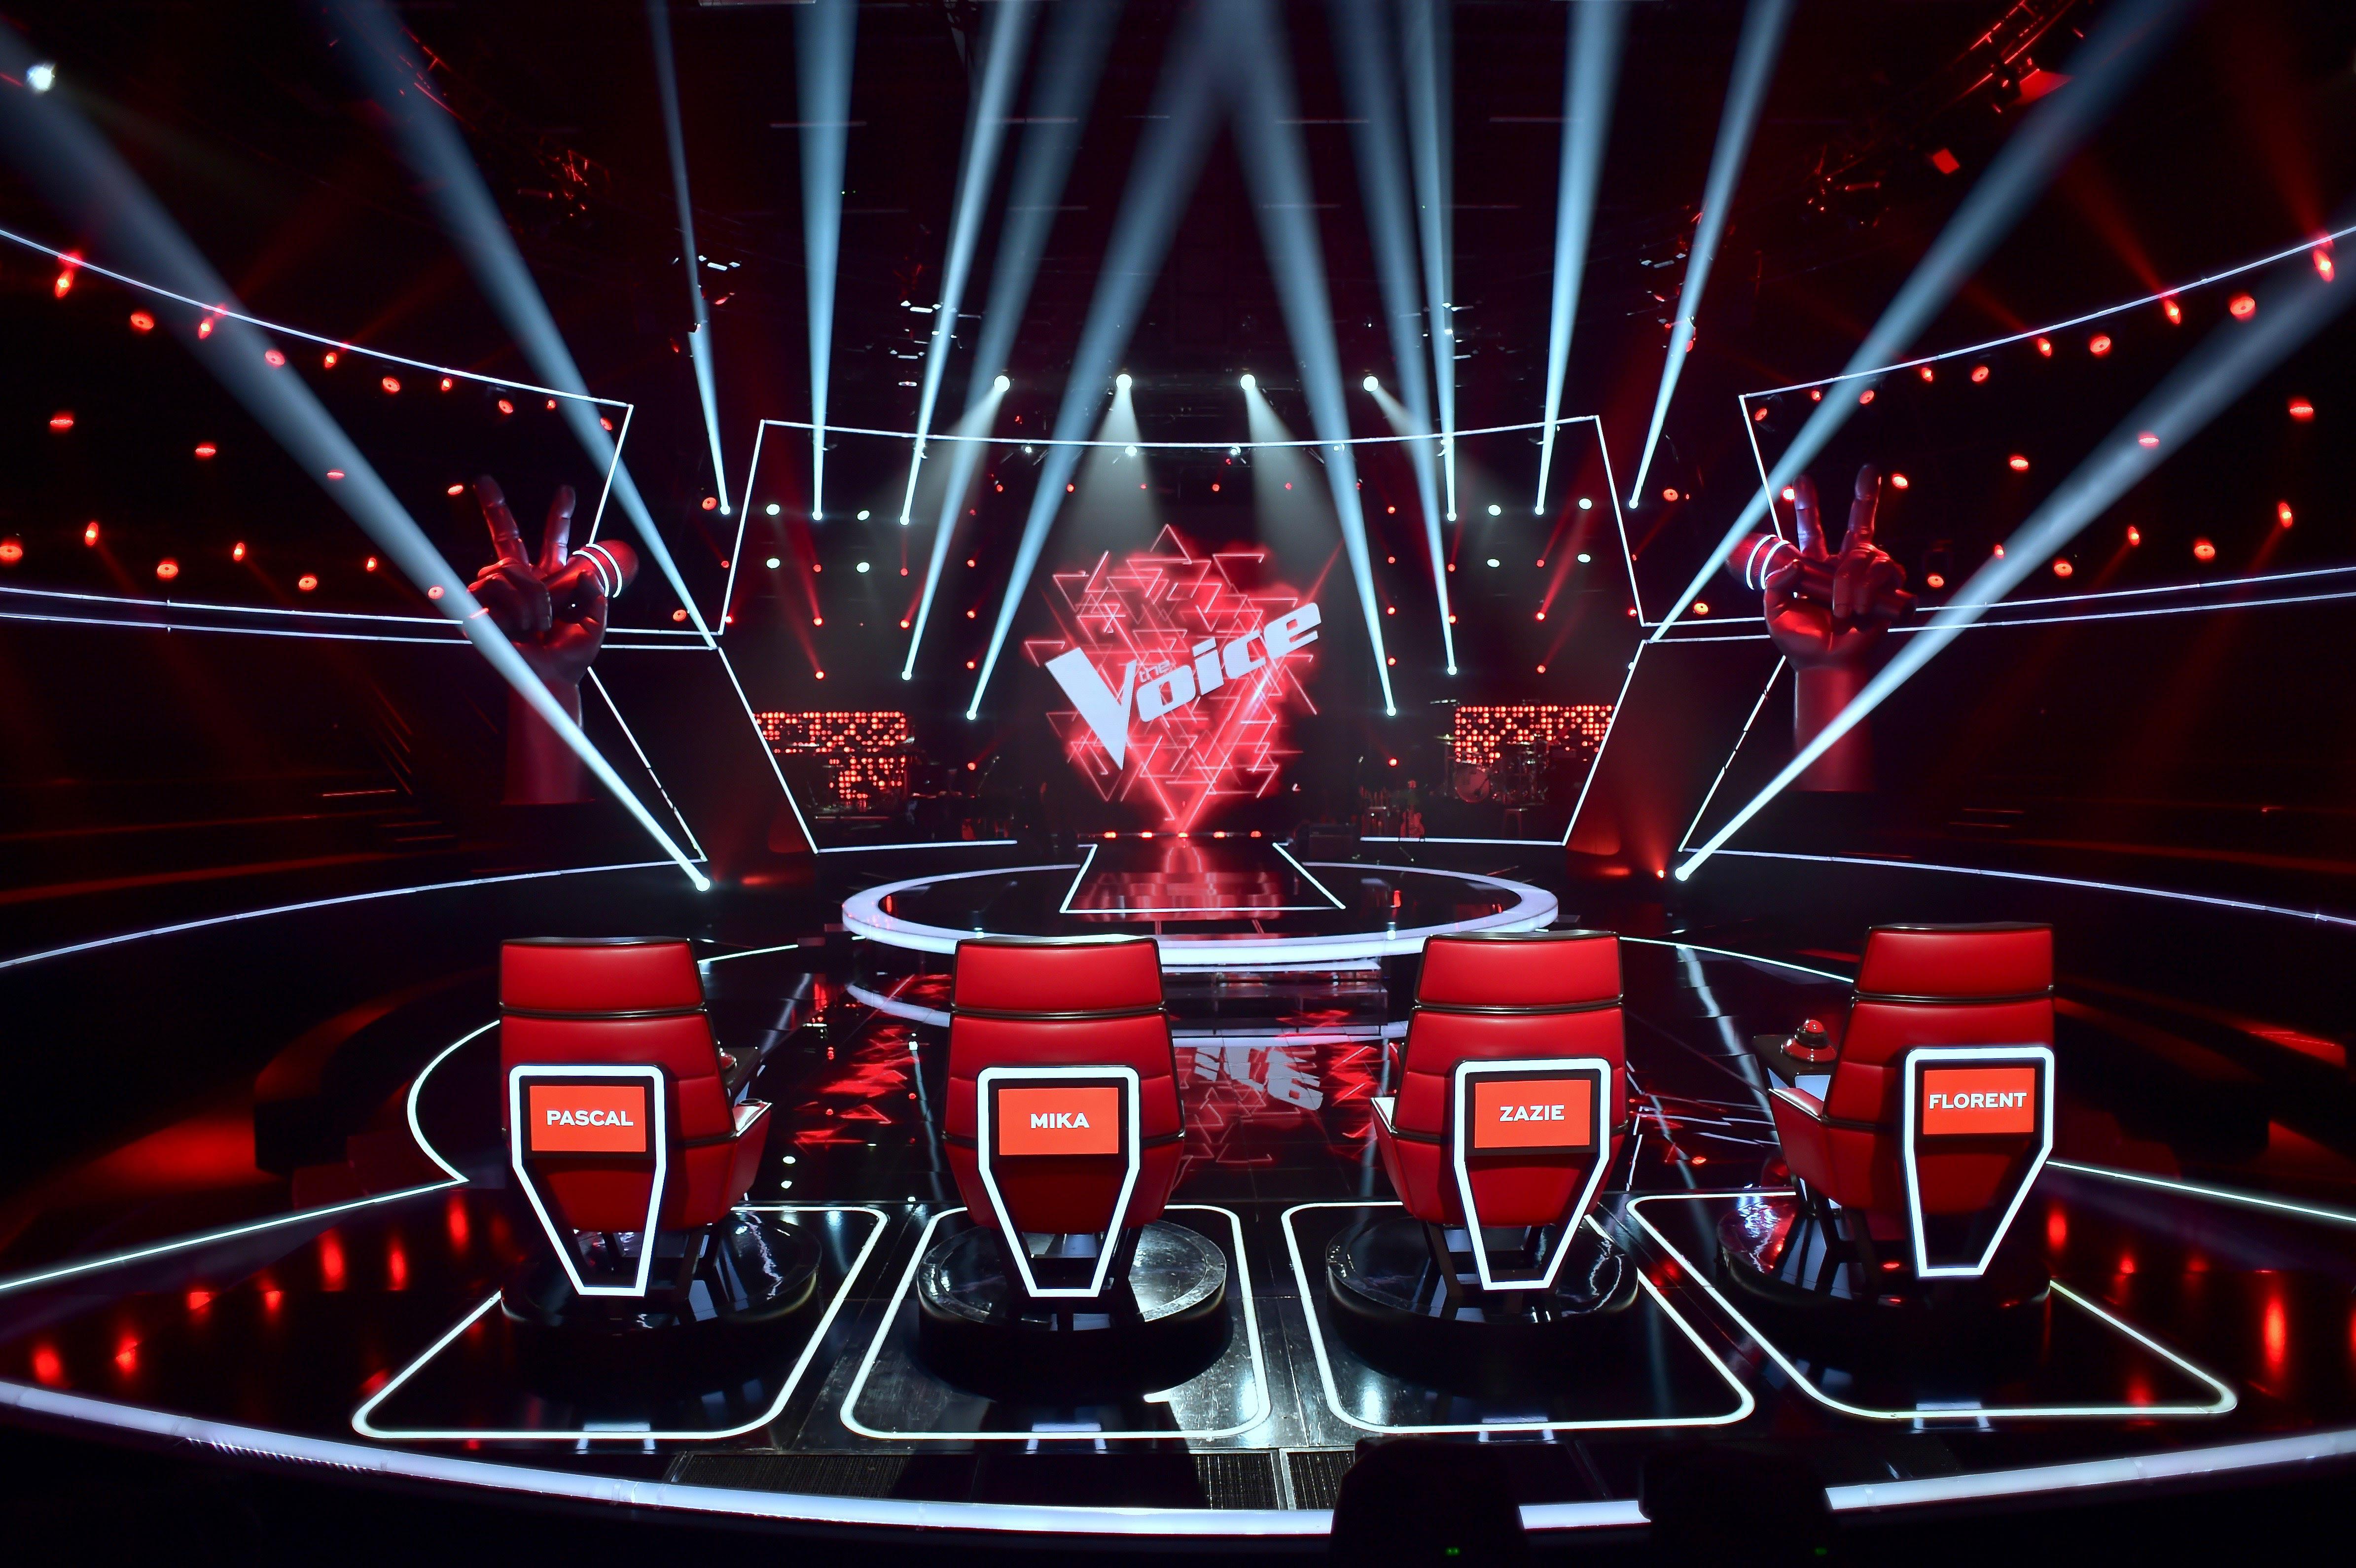 K6FM organise un casting pour participer à The Voice